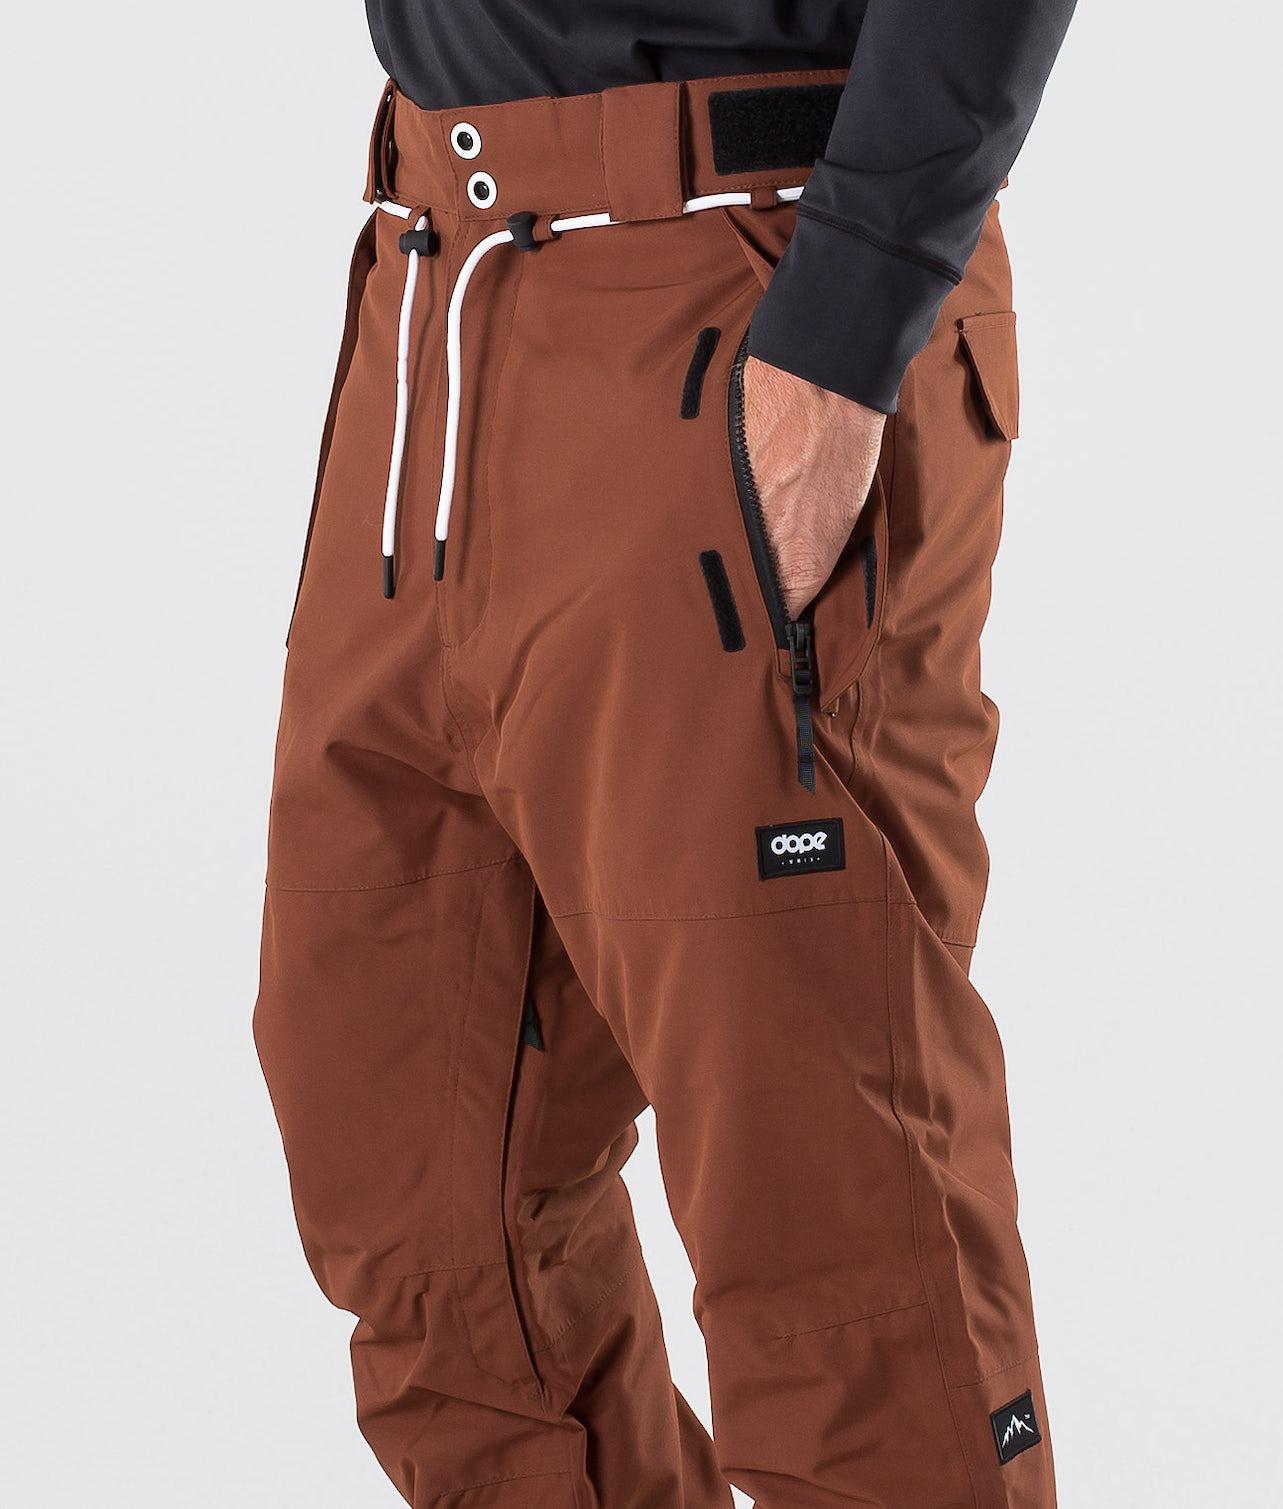 Kjøp Iconic NP Snowboardbukse fra Dope på Ridestore.no - Hos oss har du alltid fri frakt, fri retur og 30 dagers åpent kjøp!